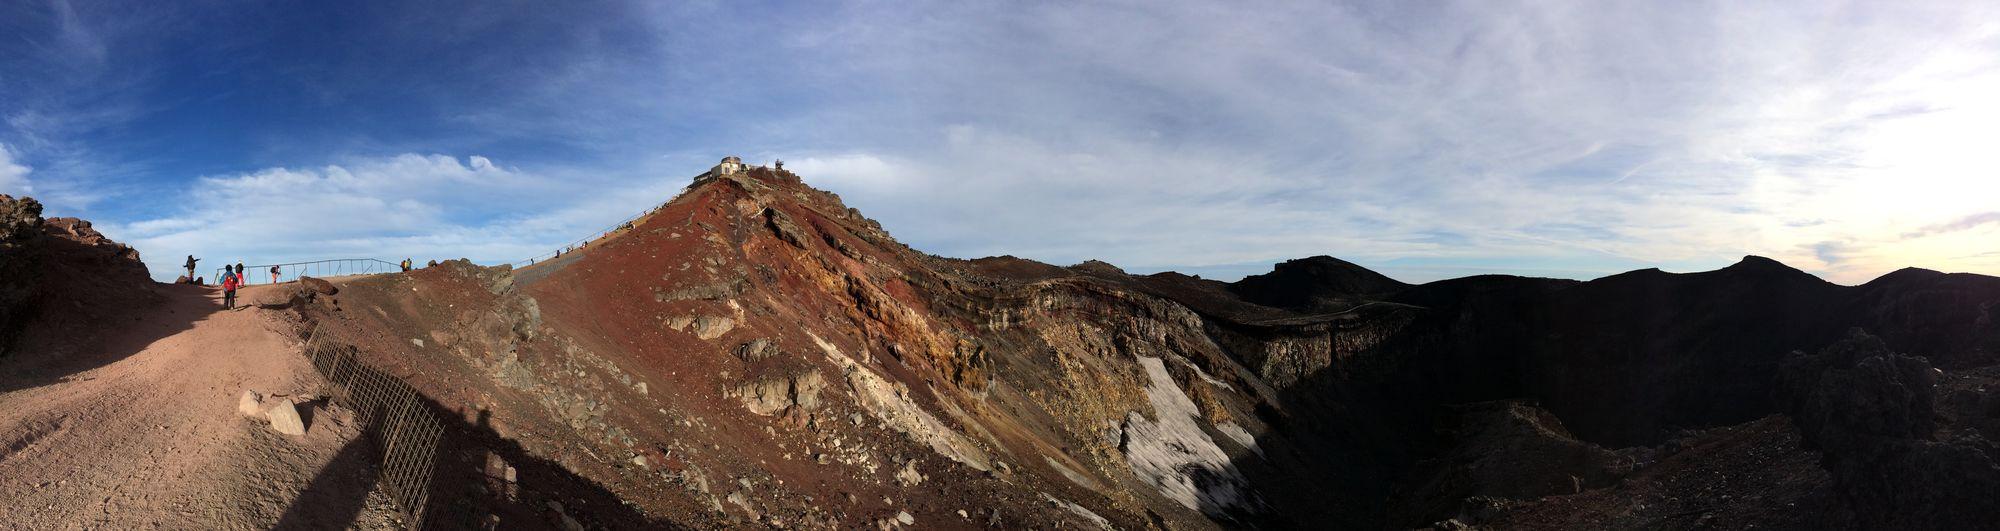 Mtfuji 富士山 山頂 パノラマ 剣ヶ峰